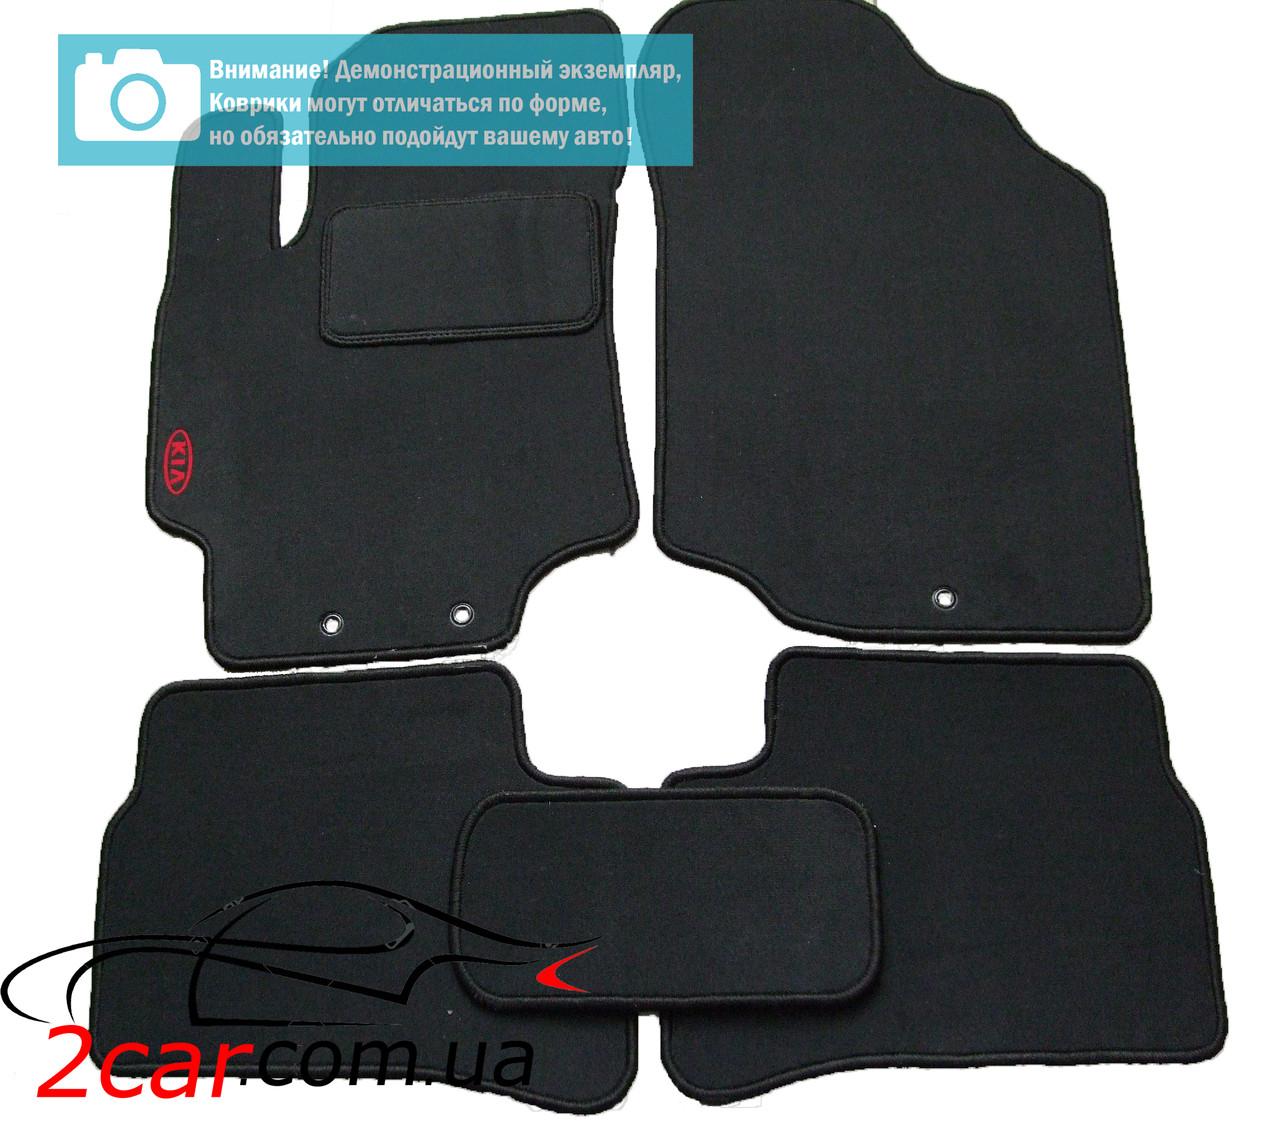 Текстильные коврики в салон для ВАЗ 2110 (серые) (StingrayUA)